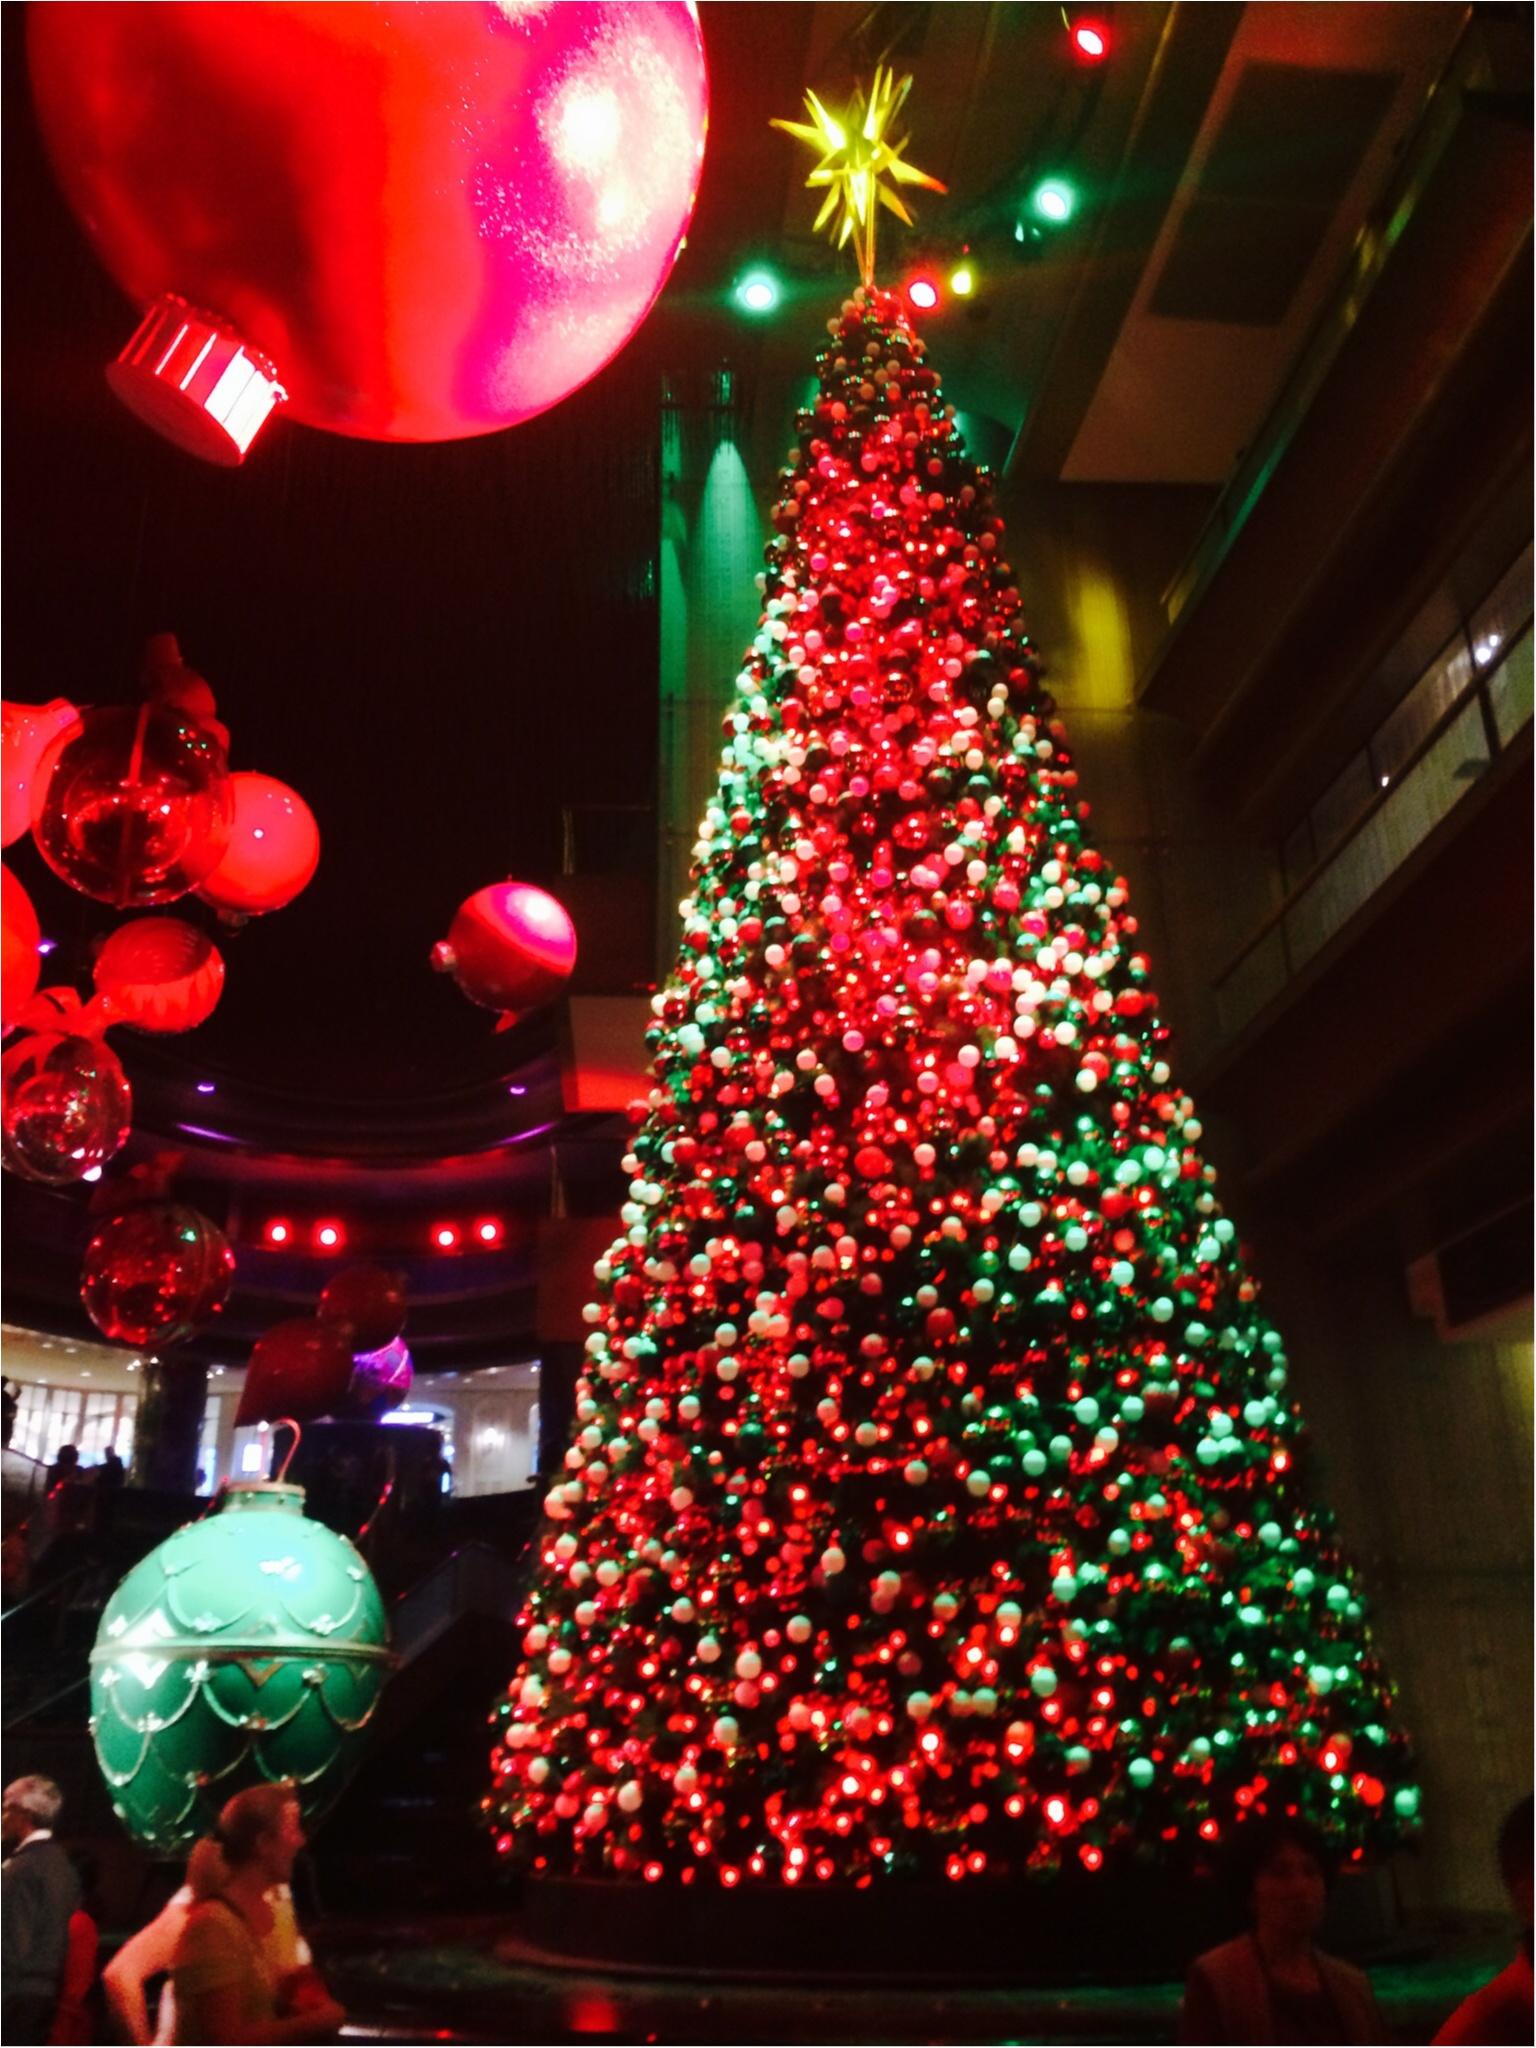 【大阪・梅田】の≪クリスマススポット≫はここ!\(^o^)/_5